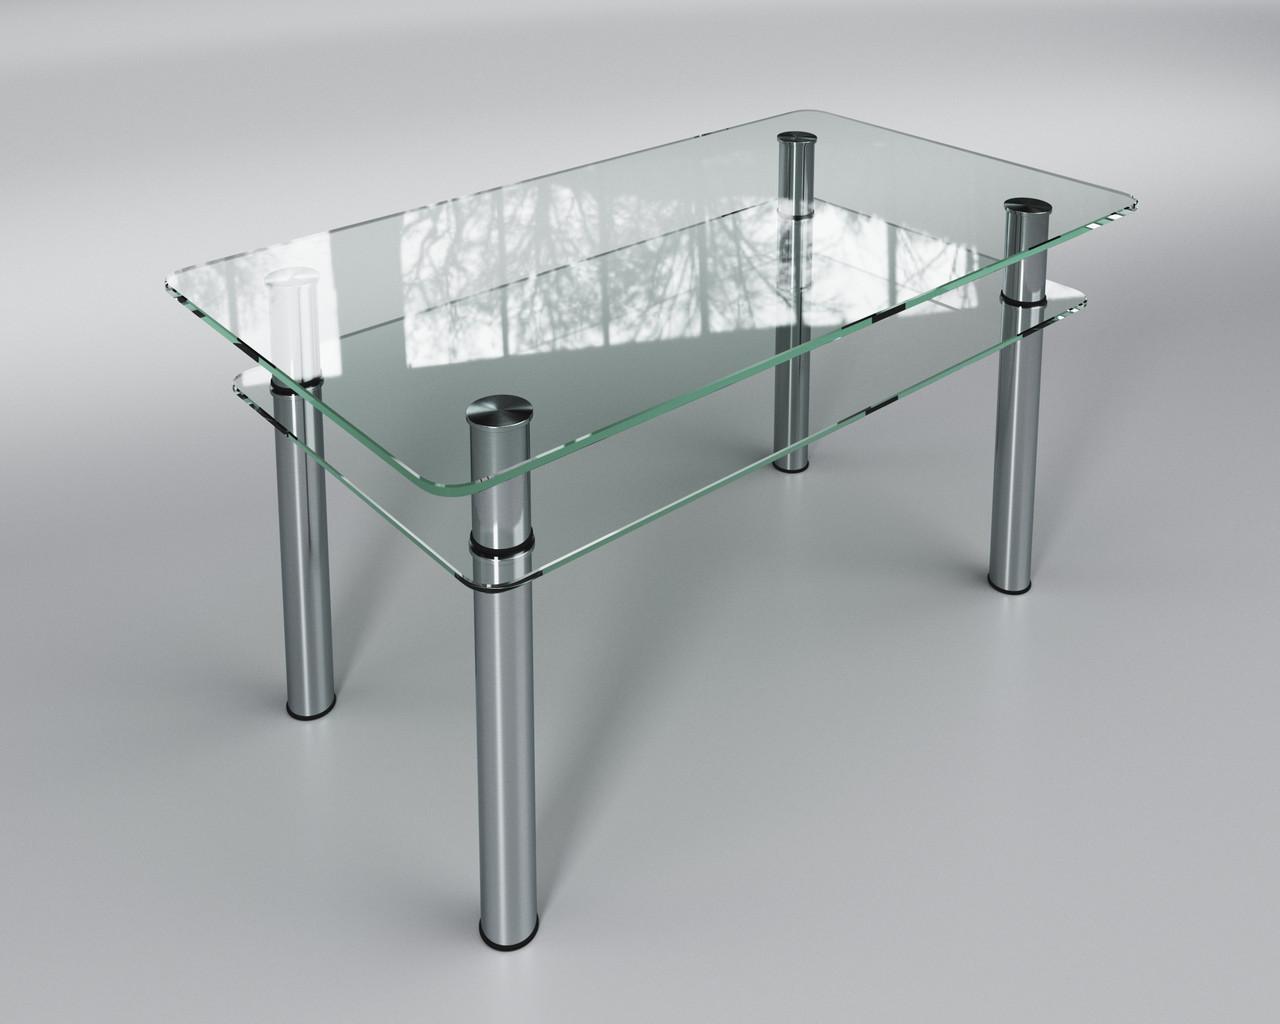 Журнальный стеклянный стол Кристалл мини с полкой